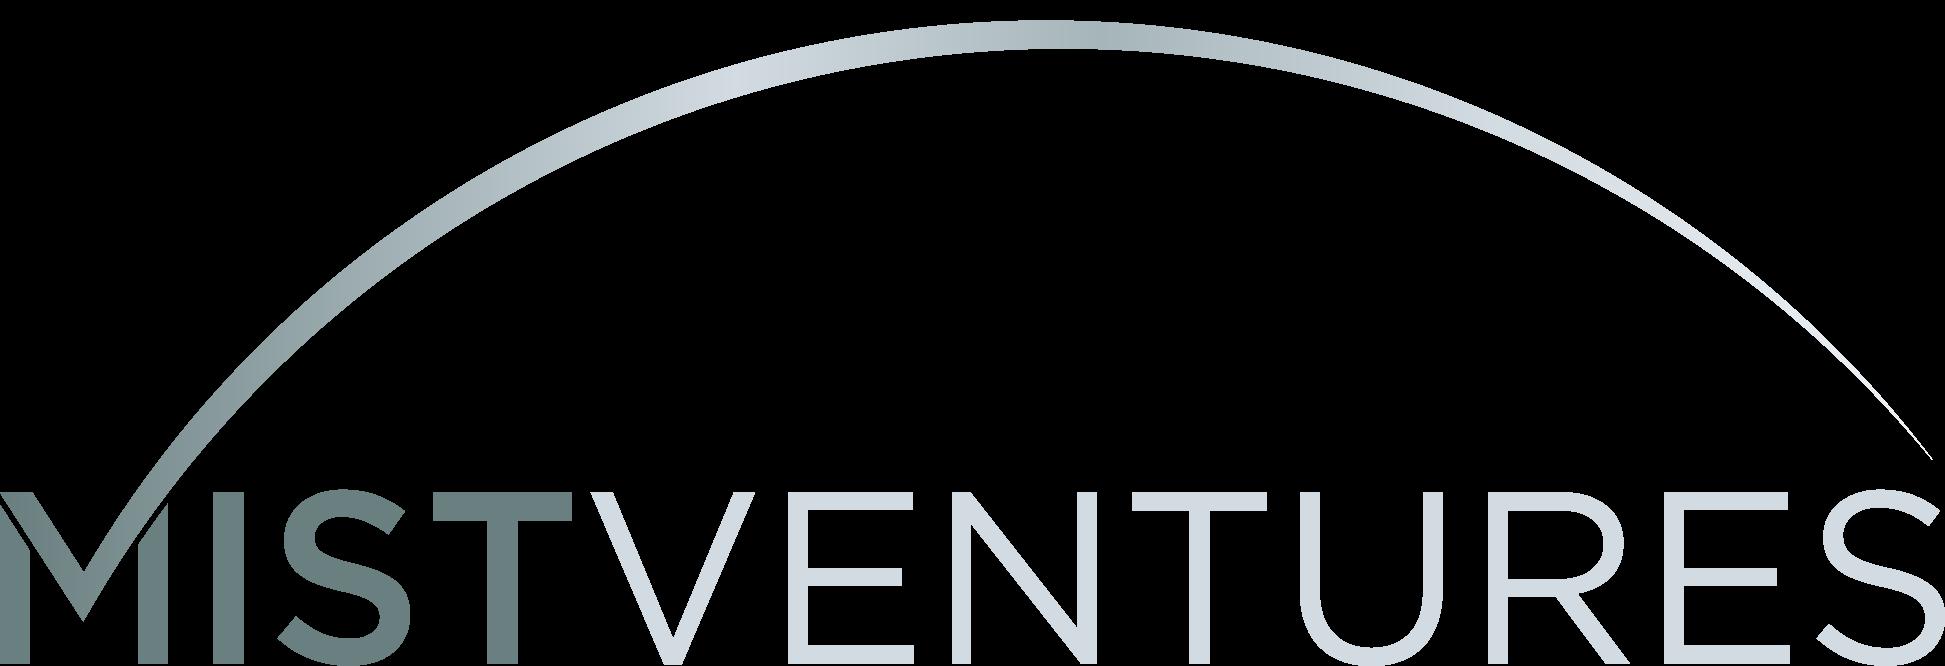 Mist Ventures